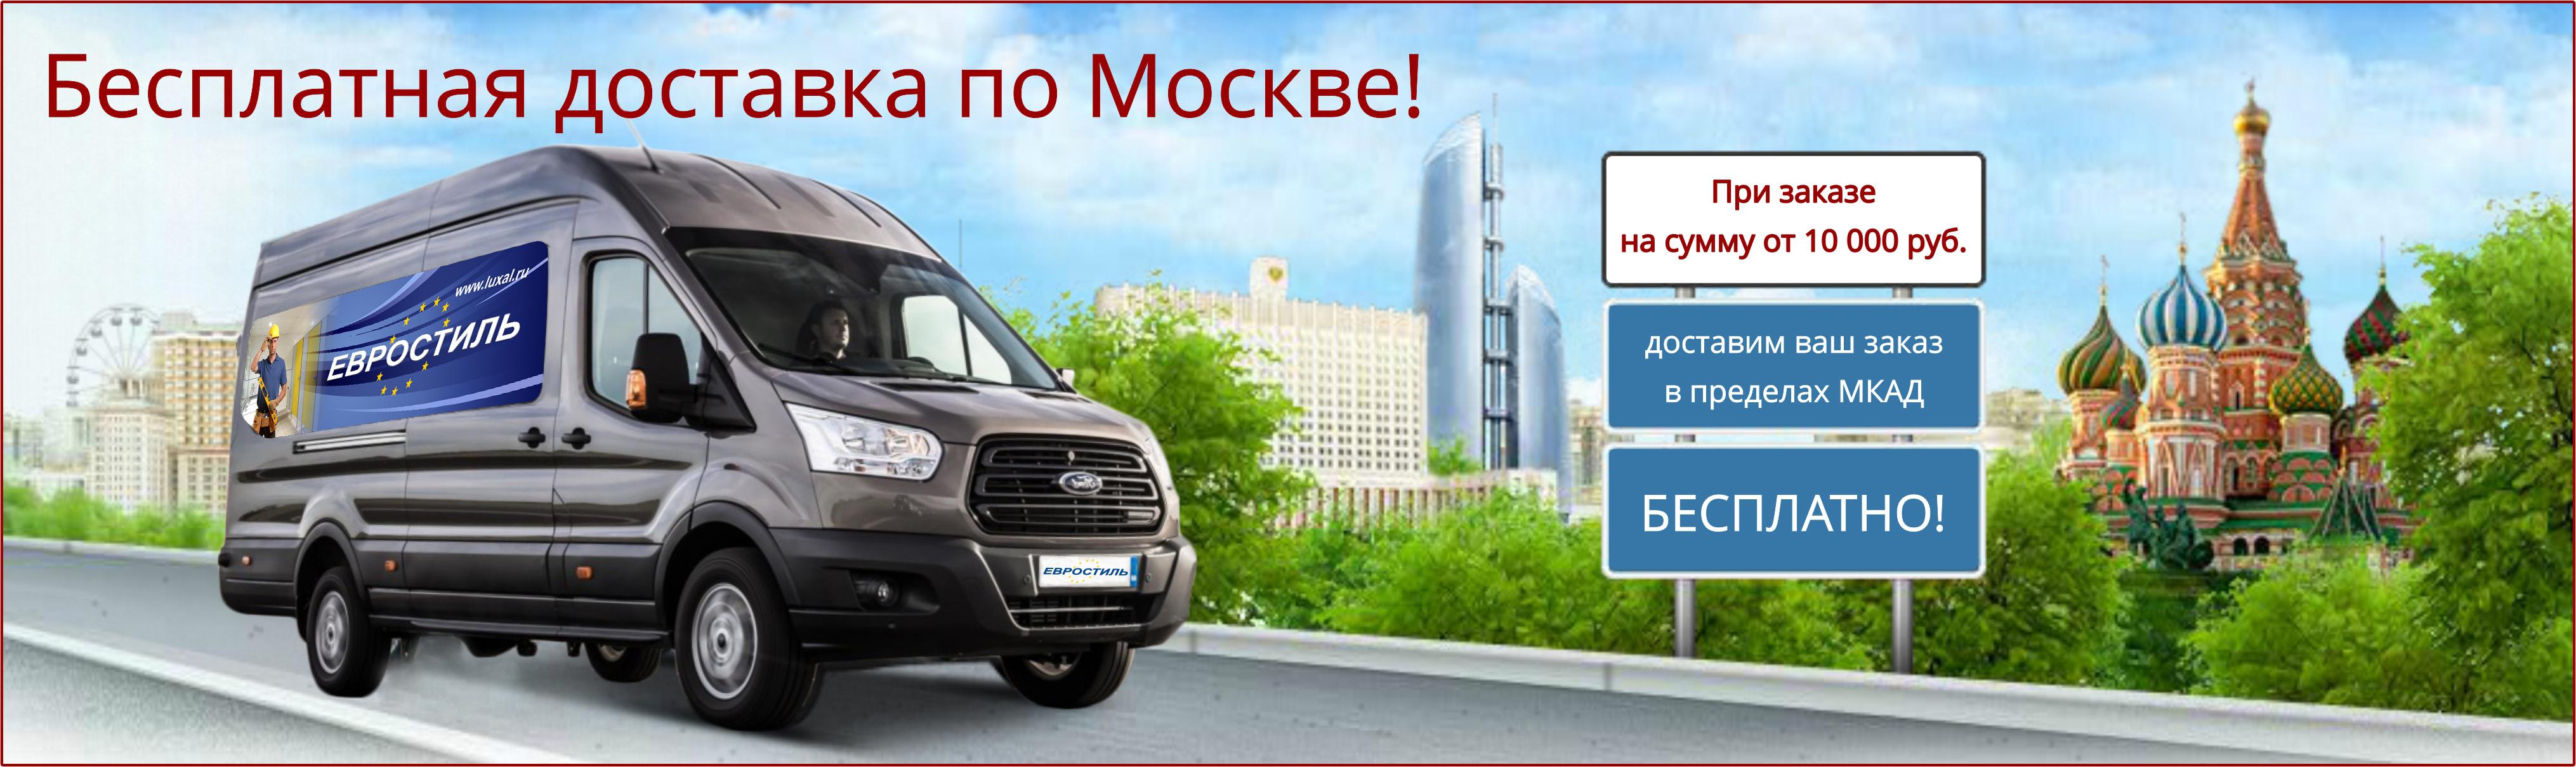 Доставка фурнитуры для сантехнических кабин по Москве бесплатно